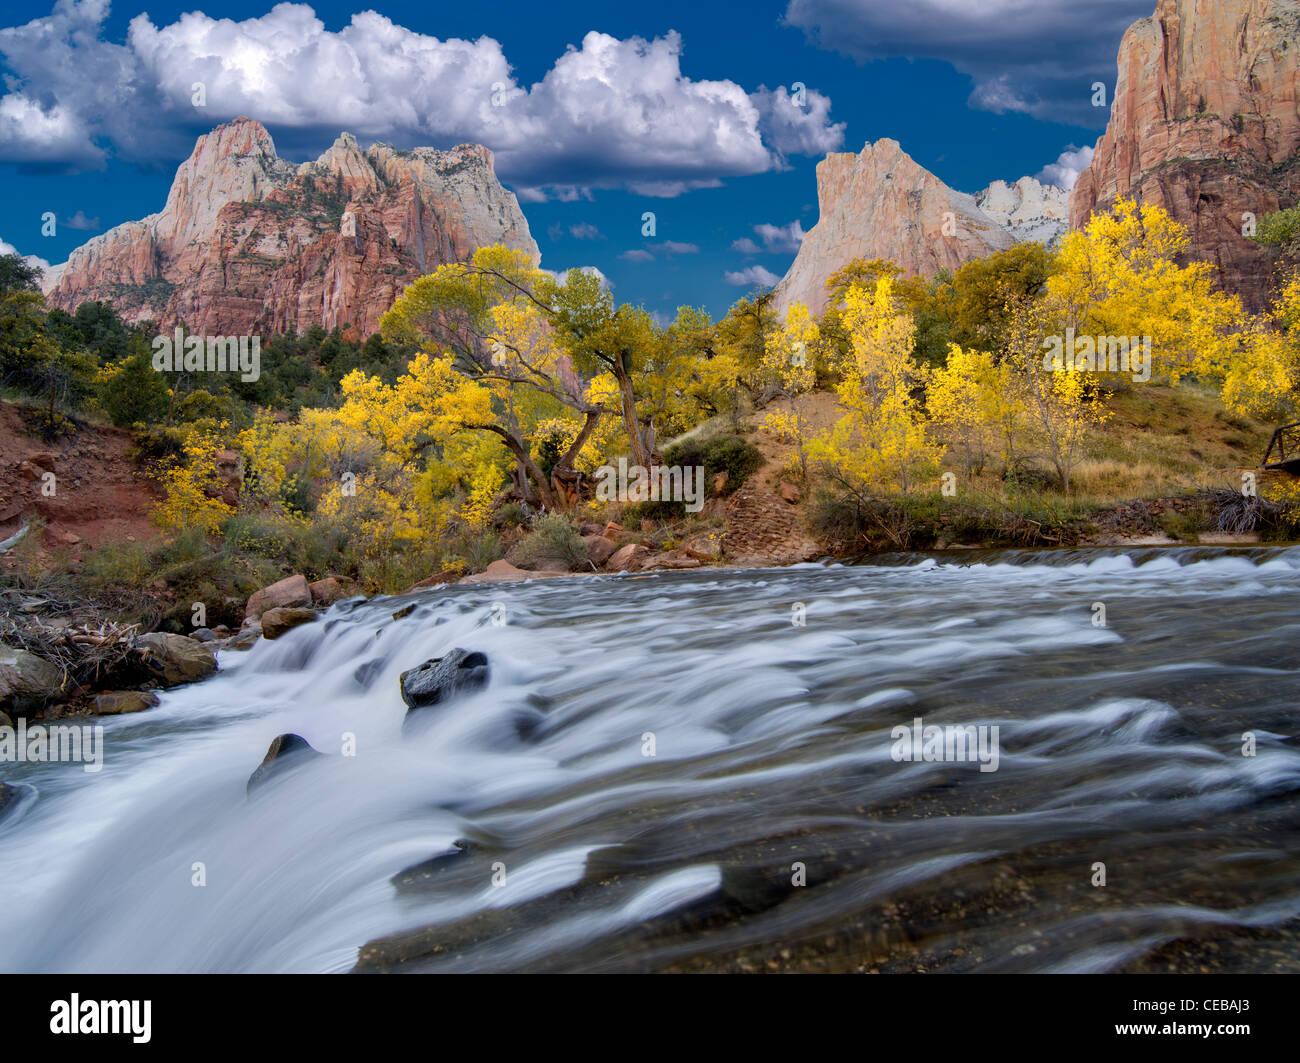 Gericht der Patriarchen und Virgin River Wasserfall und Fsll Farbe. Zion Nationalpark, Utah Stockbild